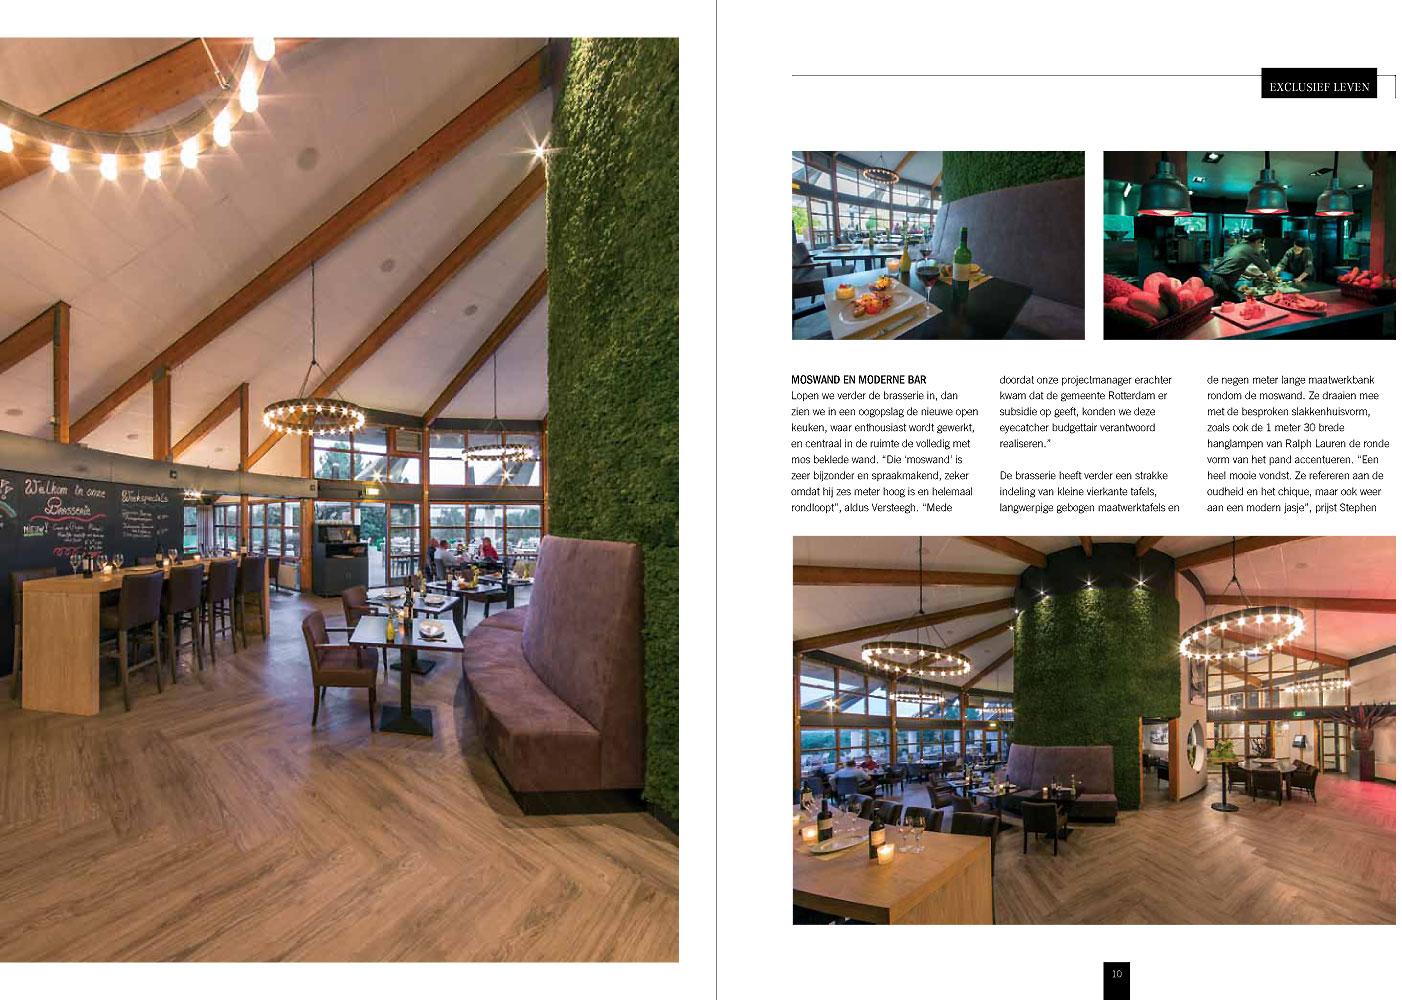 Versteegh 10 5 versteegh design architecture interior landscape design